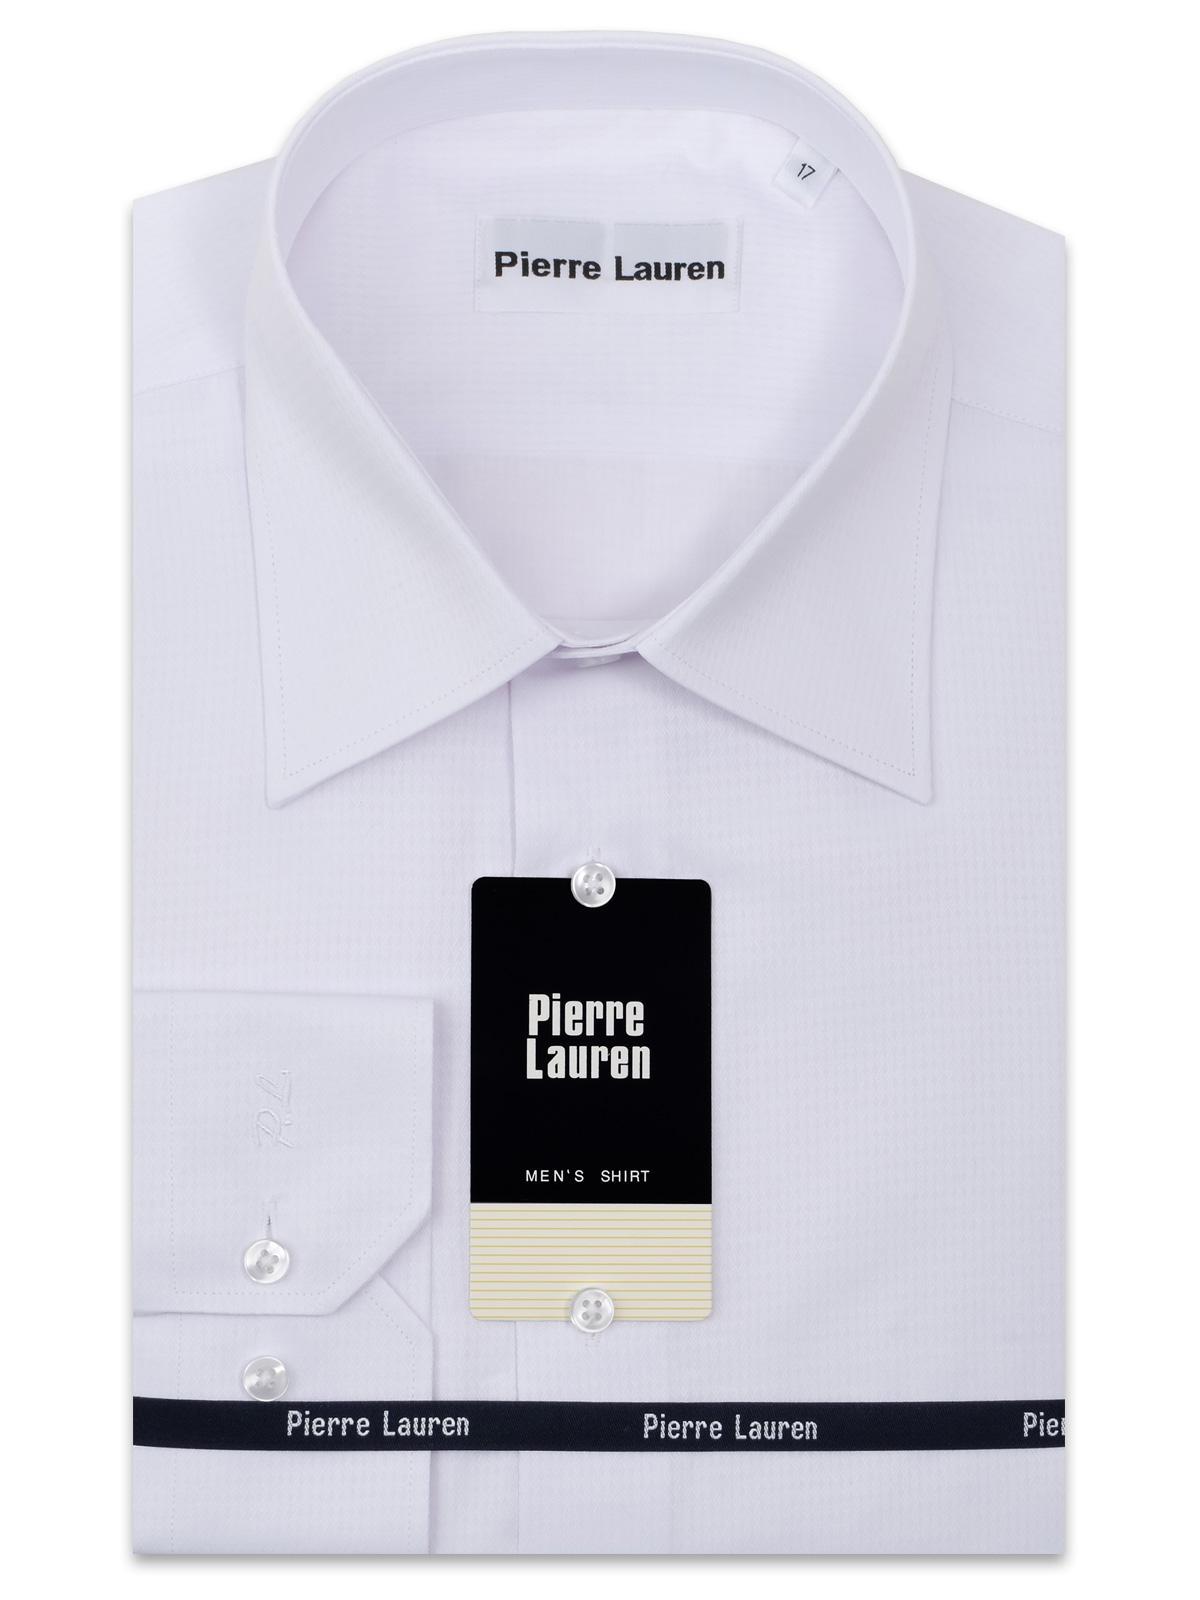 Сорочка PIERRE LAUREN (CLASSIC) арт.-1415Трц